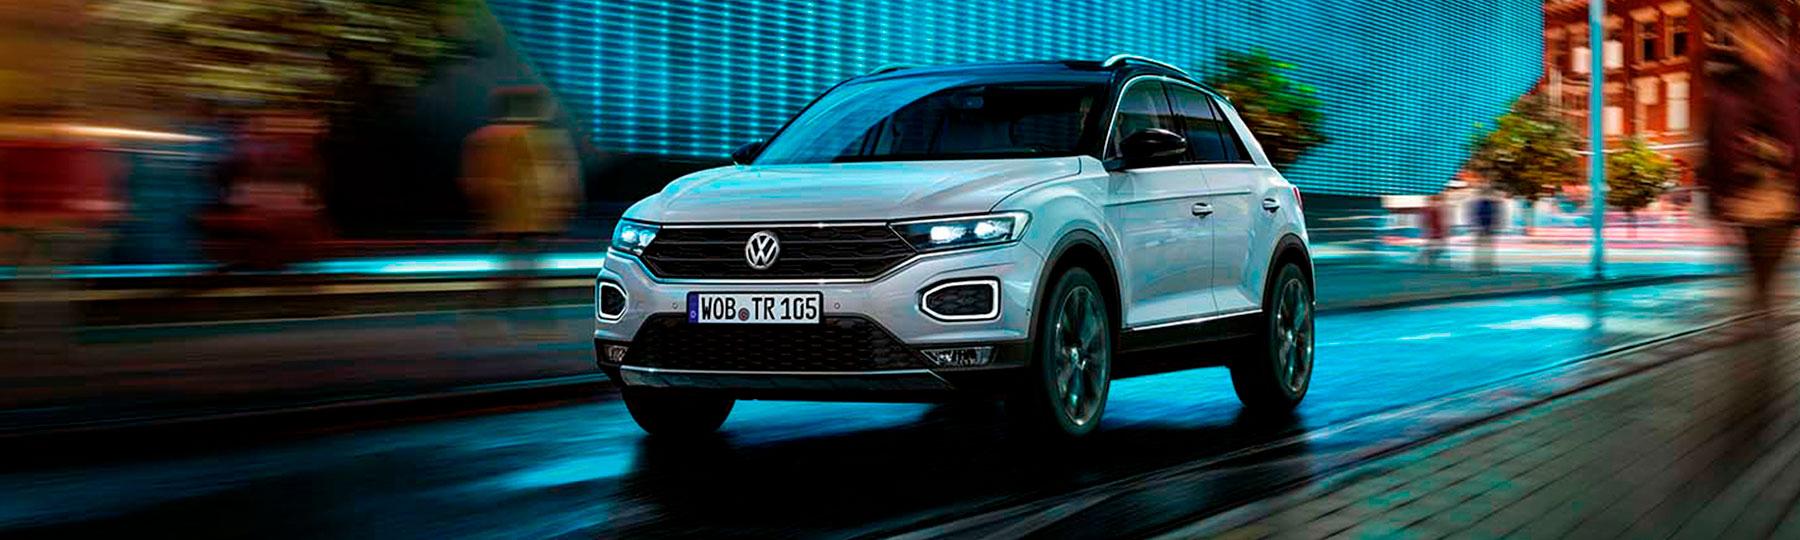 Merkamotor Tortosa, Concesionario Oficial Volkswagen en Tortosa (Tarragona)